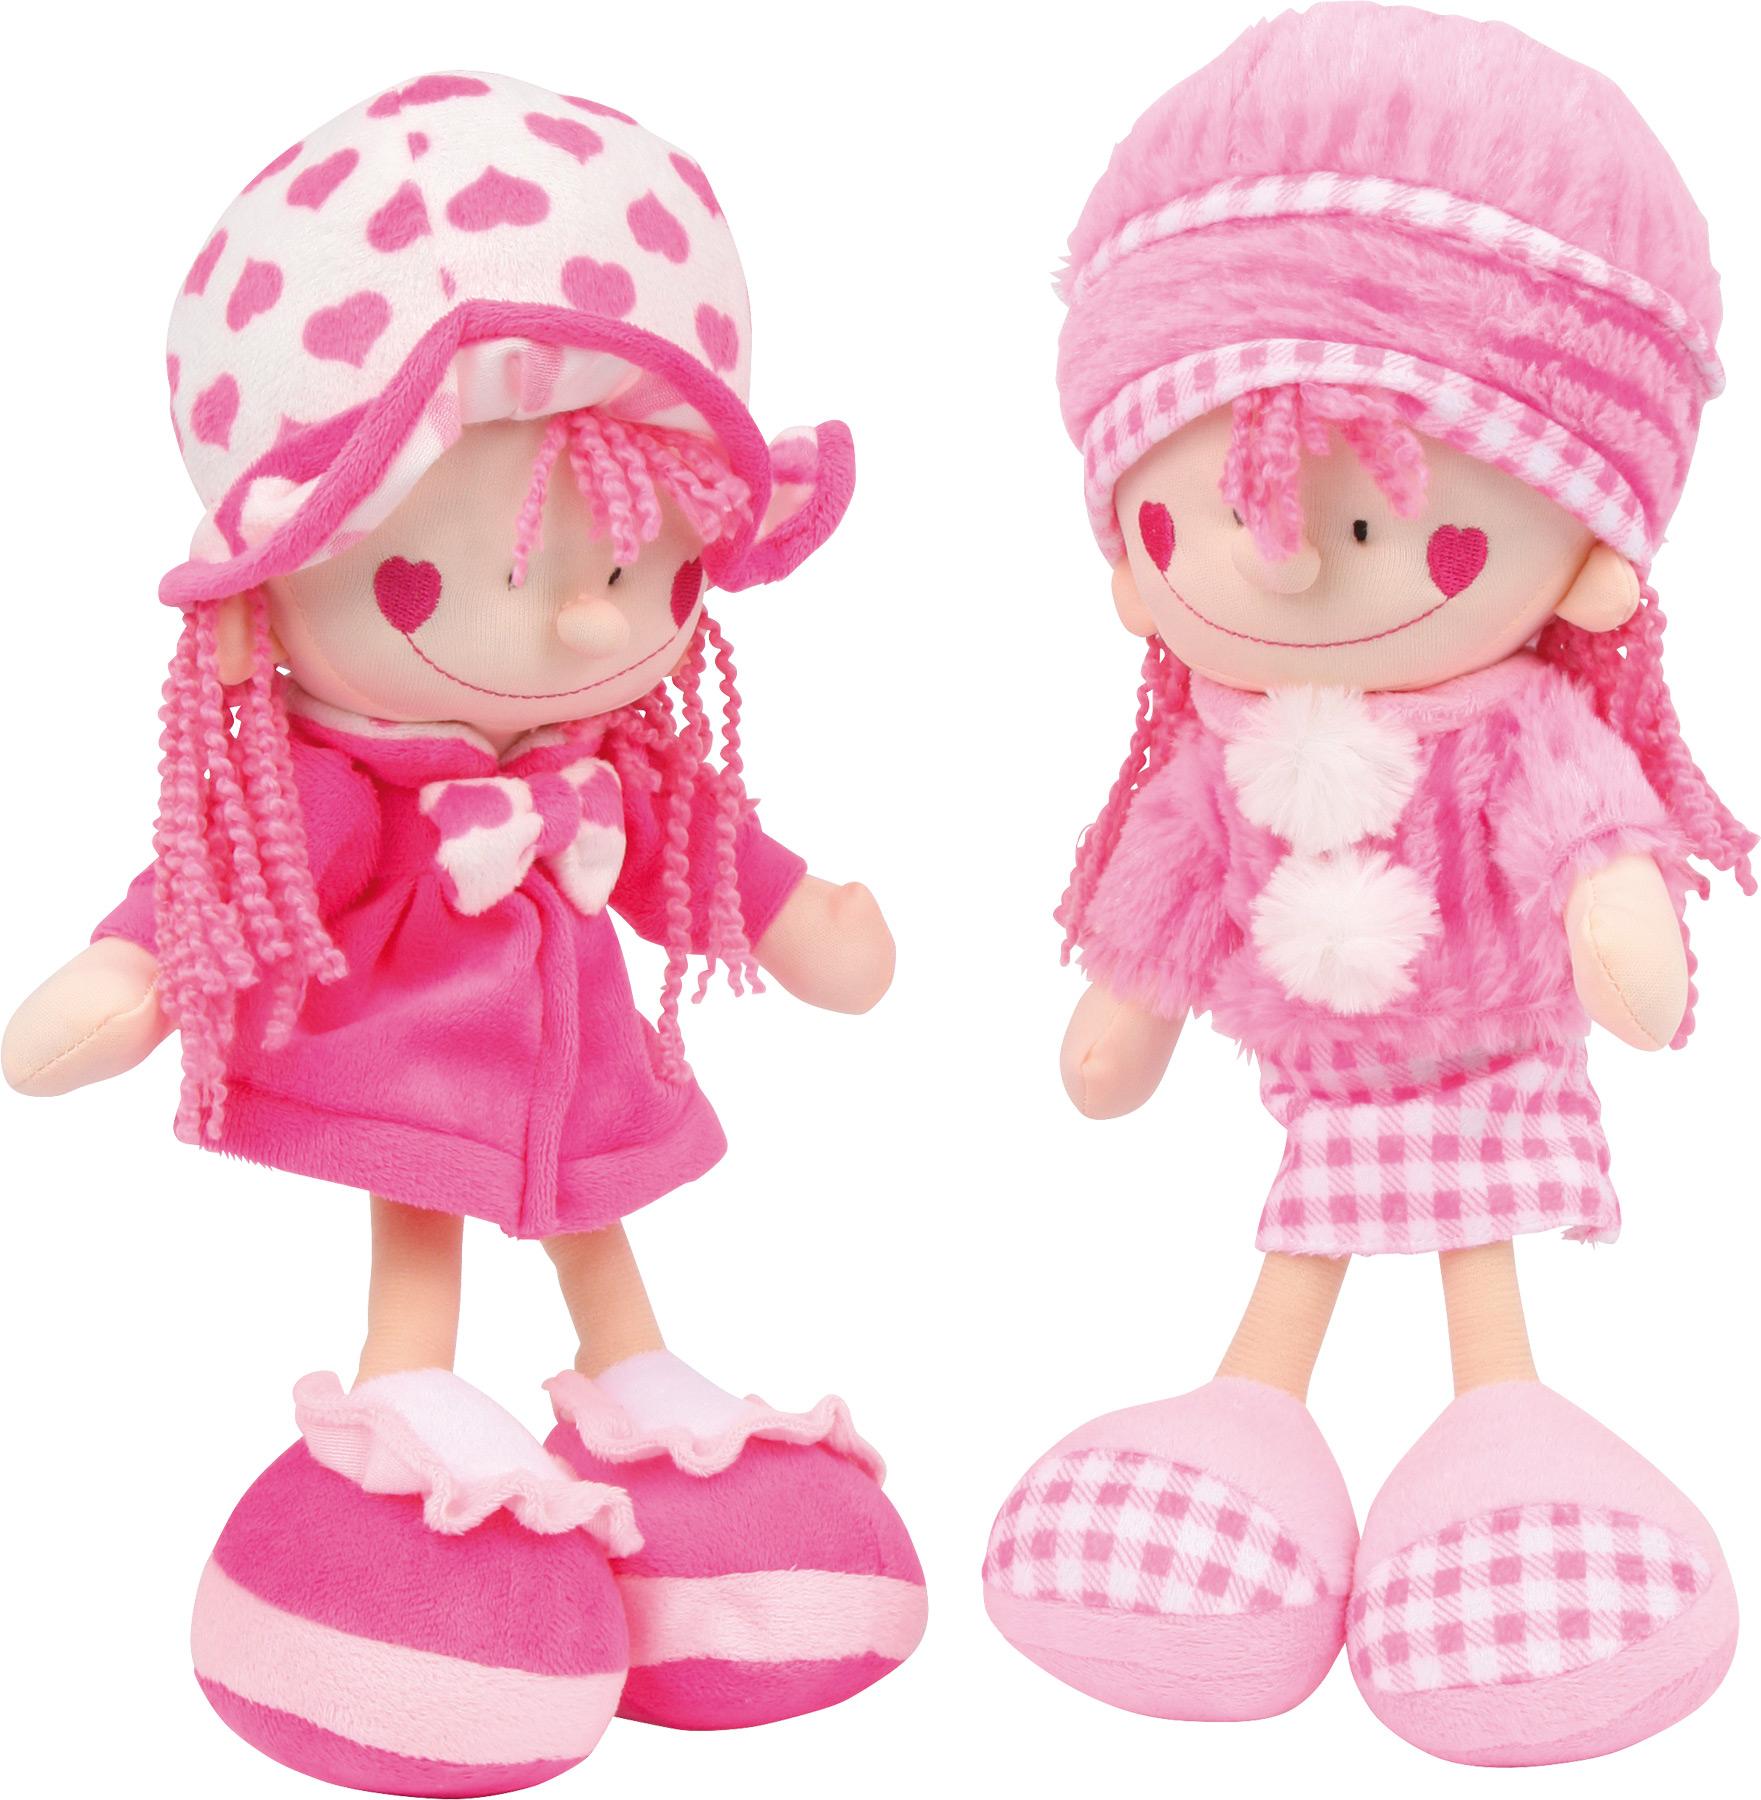 Bambole in stoffa Nora e Emily